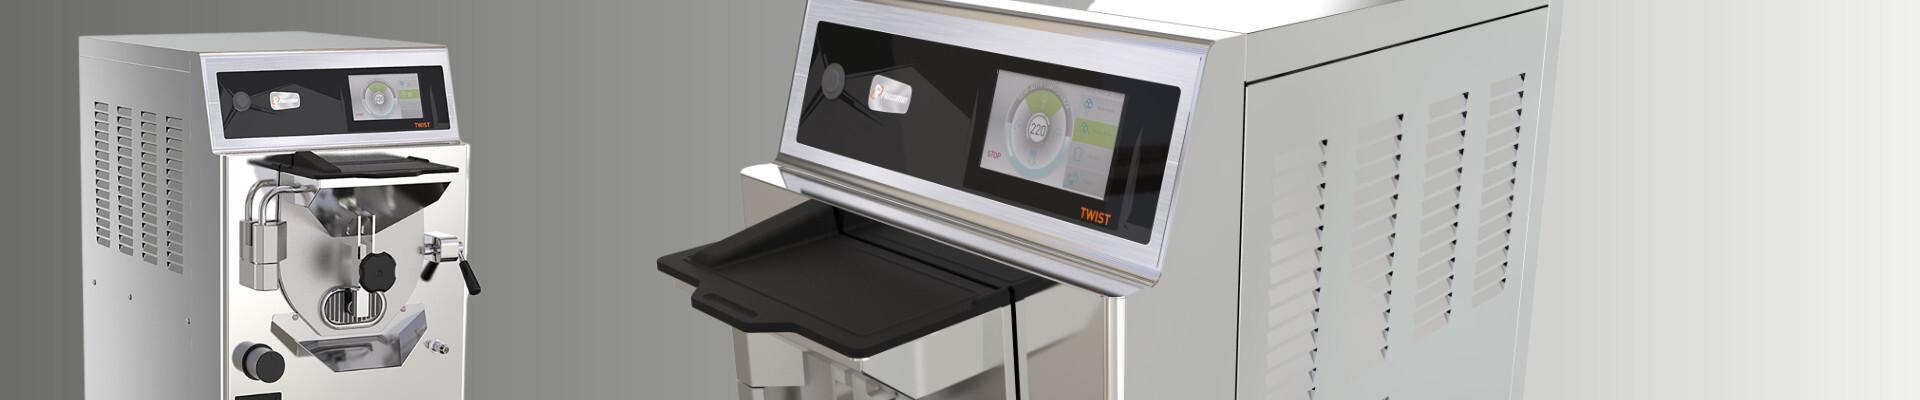 Twist, mantecatore con sistema di lavaggio automatico